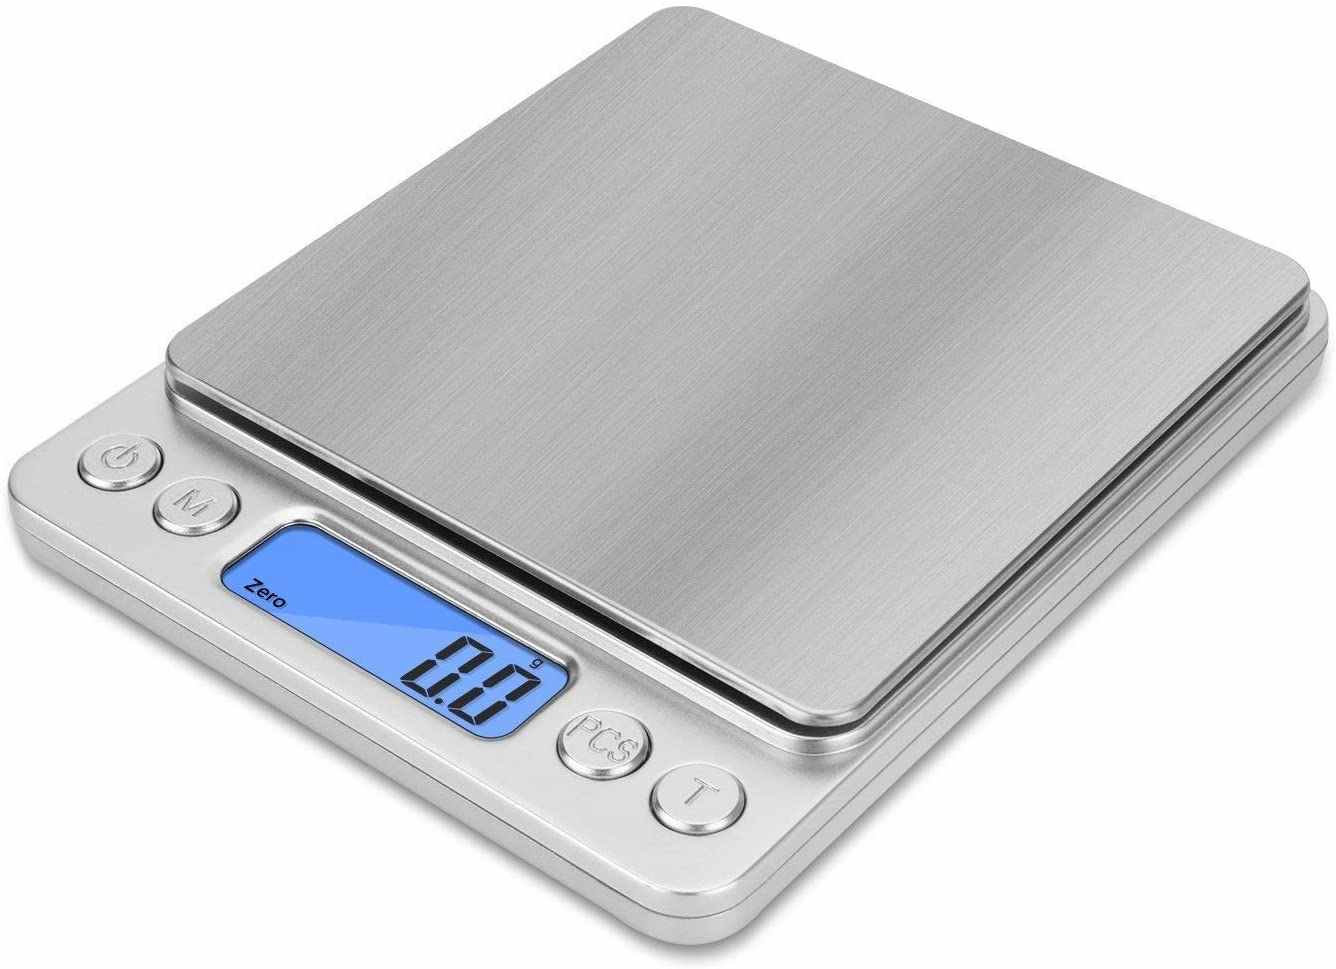 Новые Прецизионные цифровые весы с ЖК-дисплеем, 53 кг, мини электронные граммы, весовые весы для чайной выпечки, весовые весы для дома